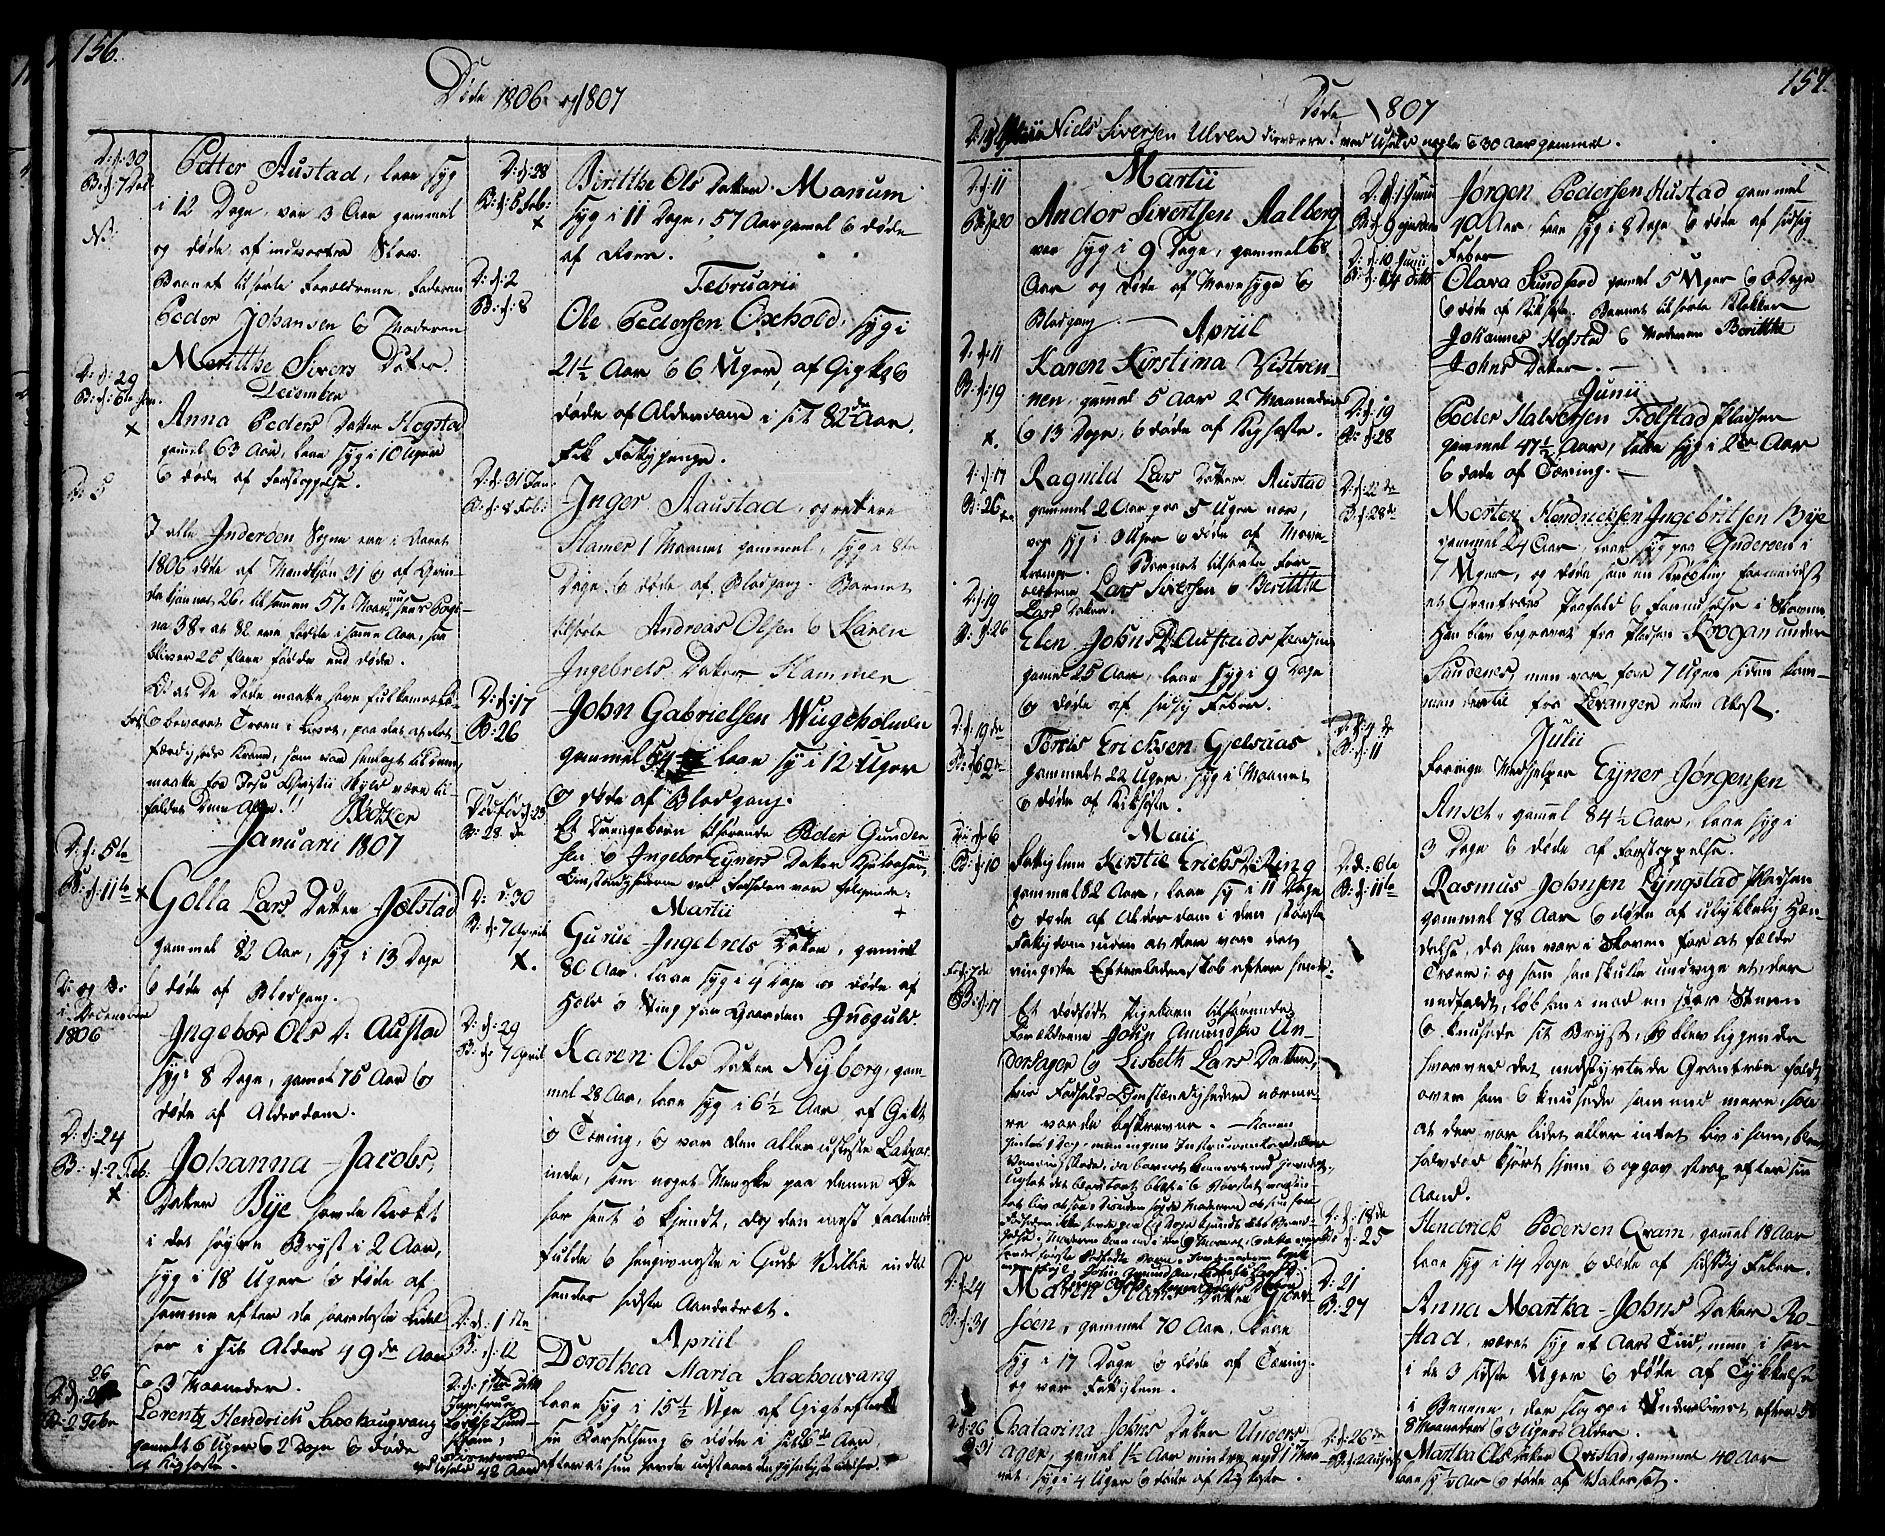 SAT, Ministerialprotokoller, klokkerbøker og fødselsregistre - Nord-Trøndelag, 730/L0274: Ministerialbok nr. 730A03, 1802-1816, s. 156-157